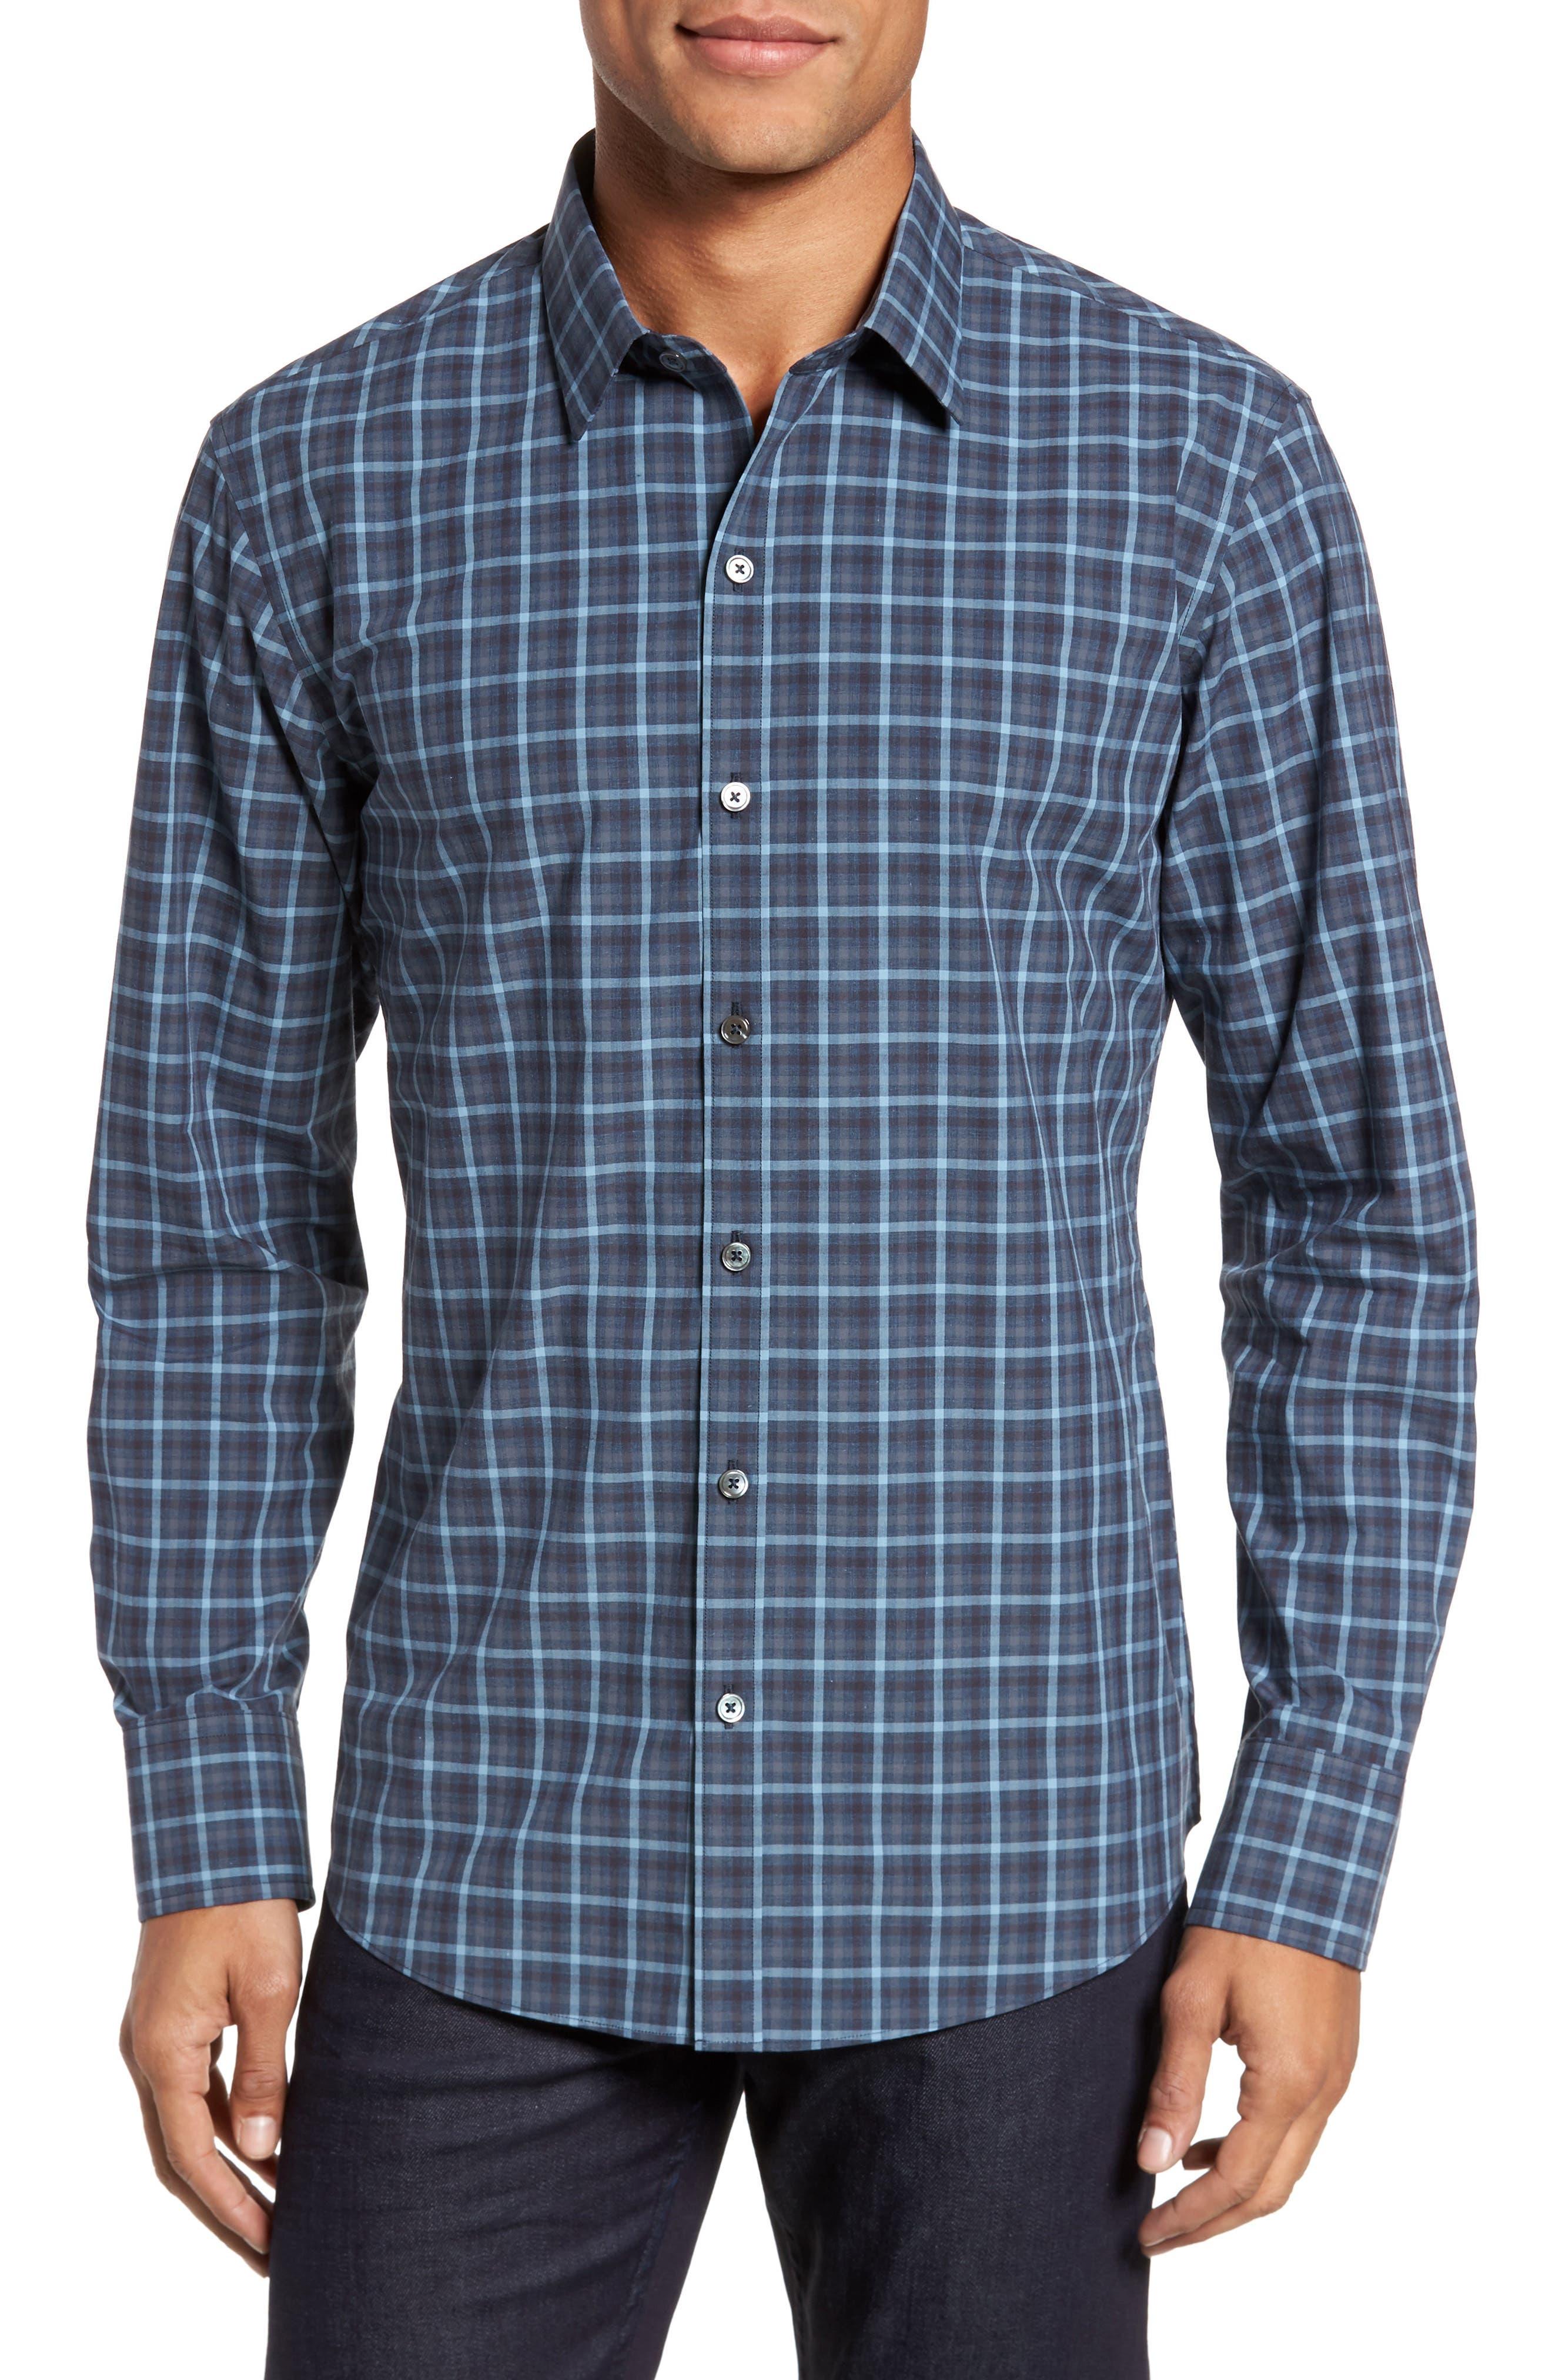 Lozado Check Sport Shirt,                         Main,                         color, 400